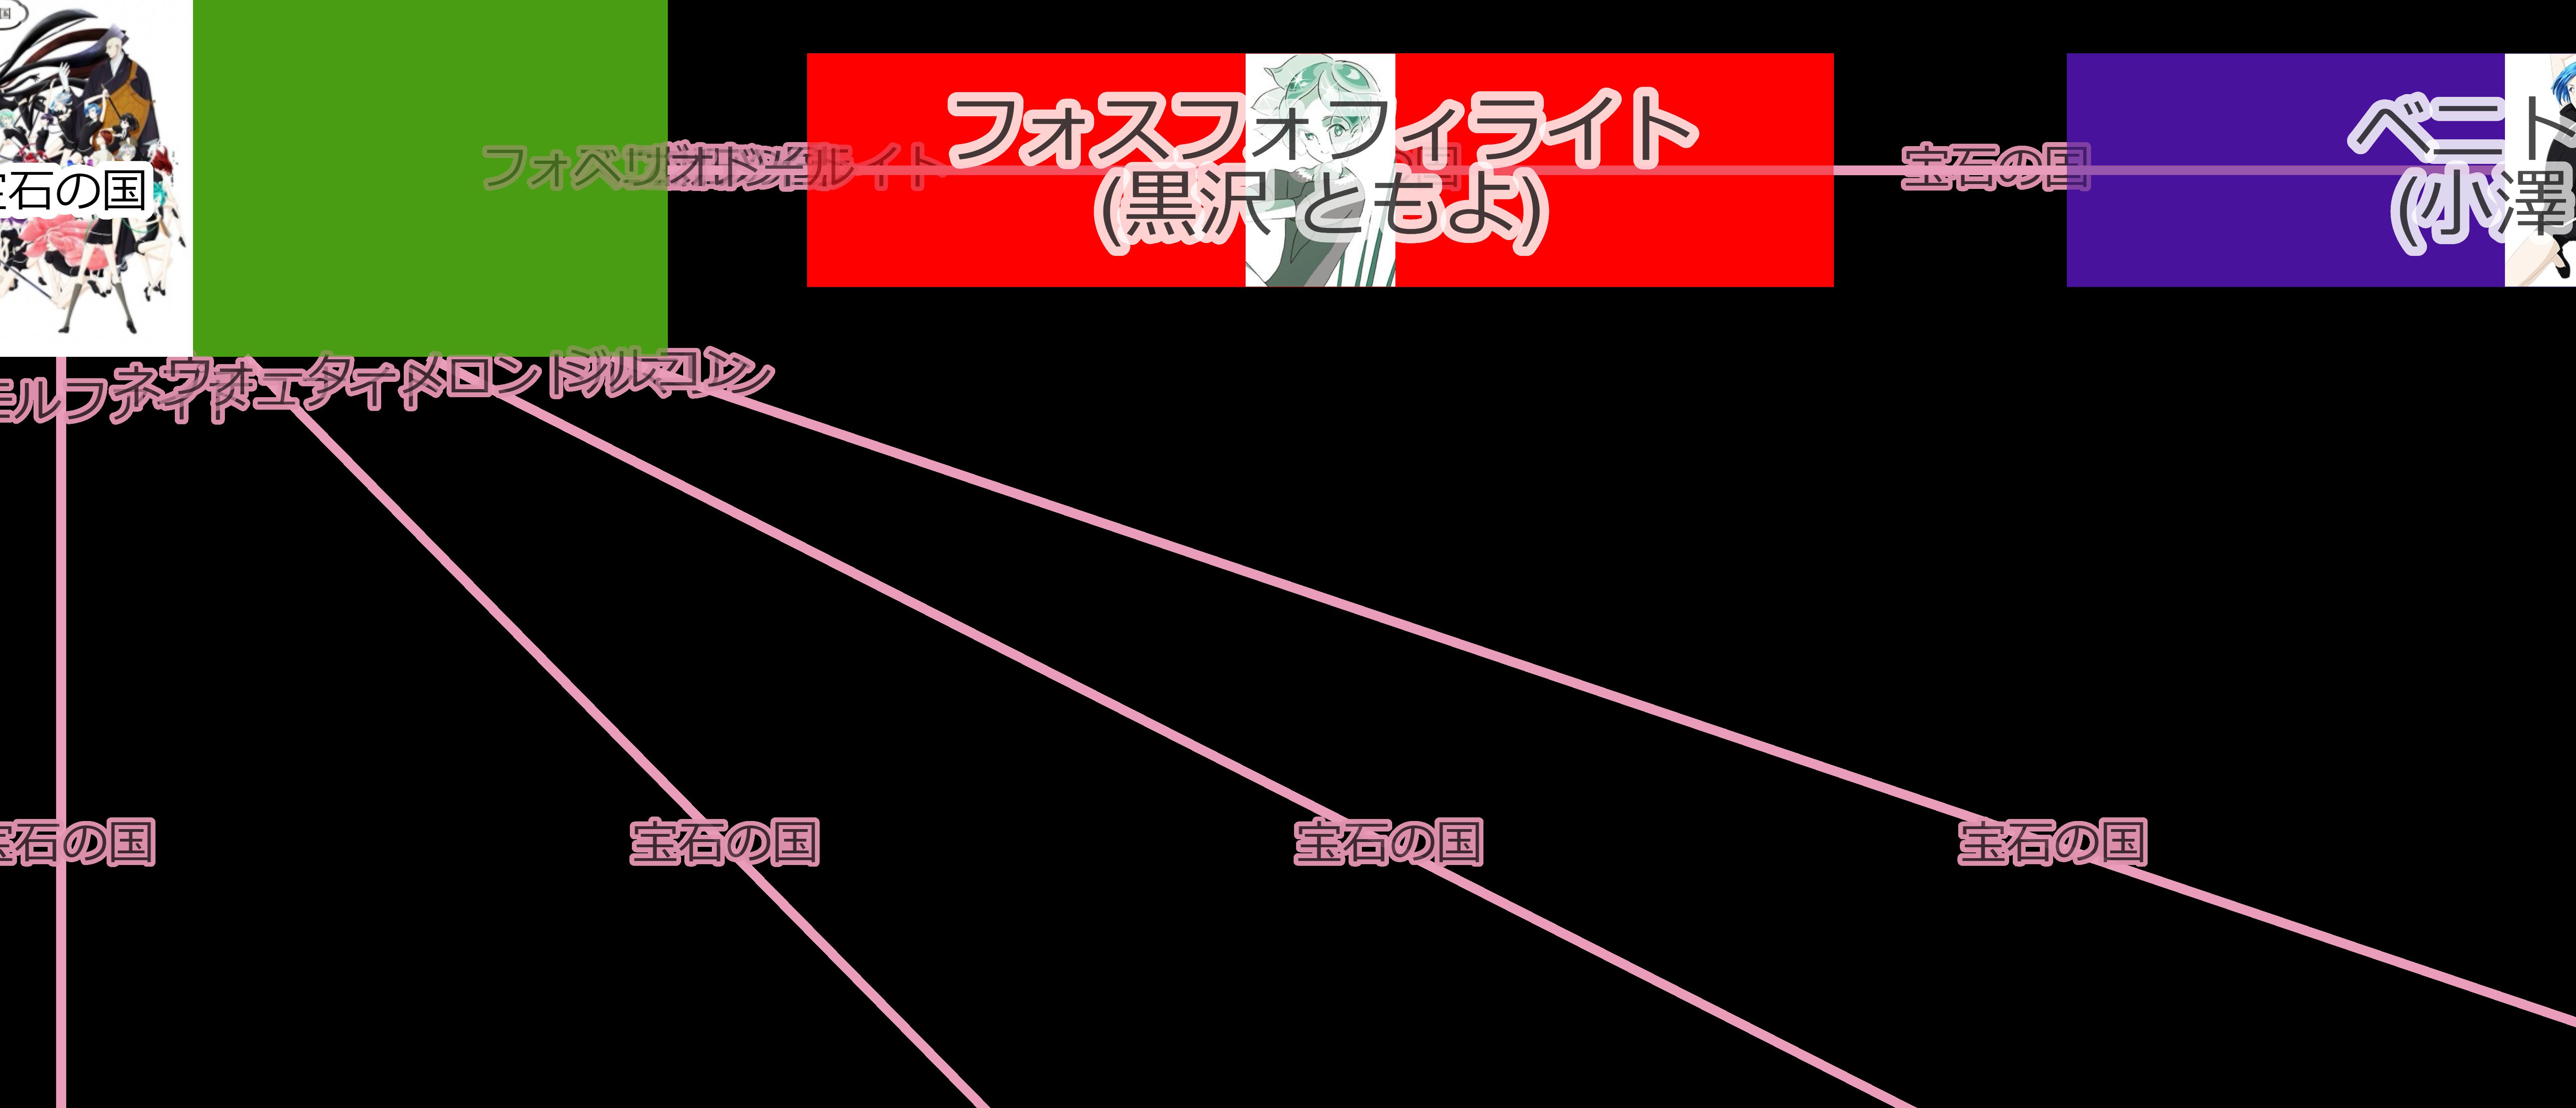 source-text-offset-10